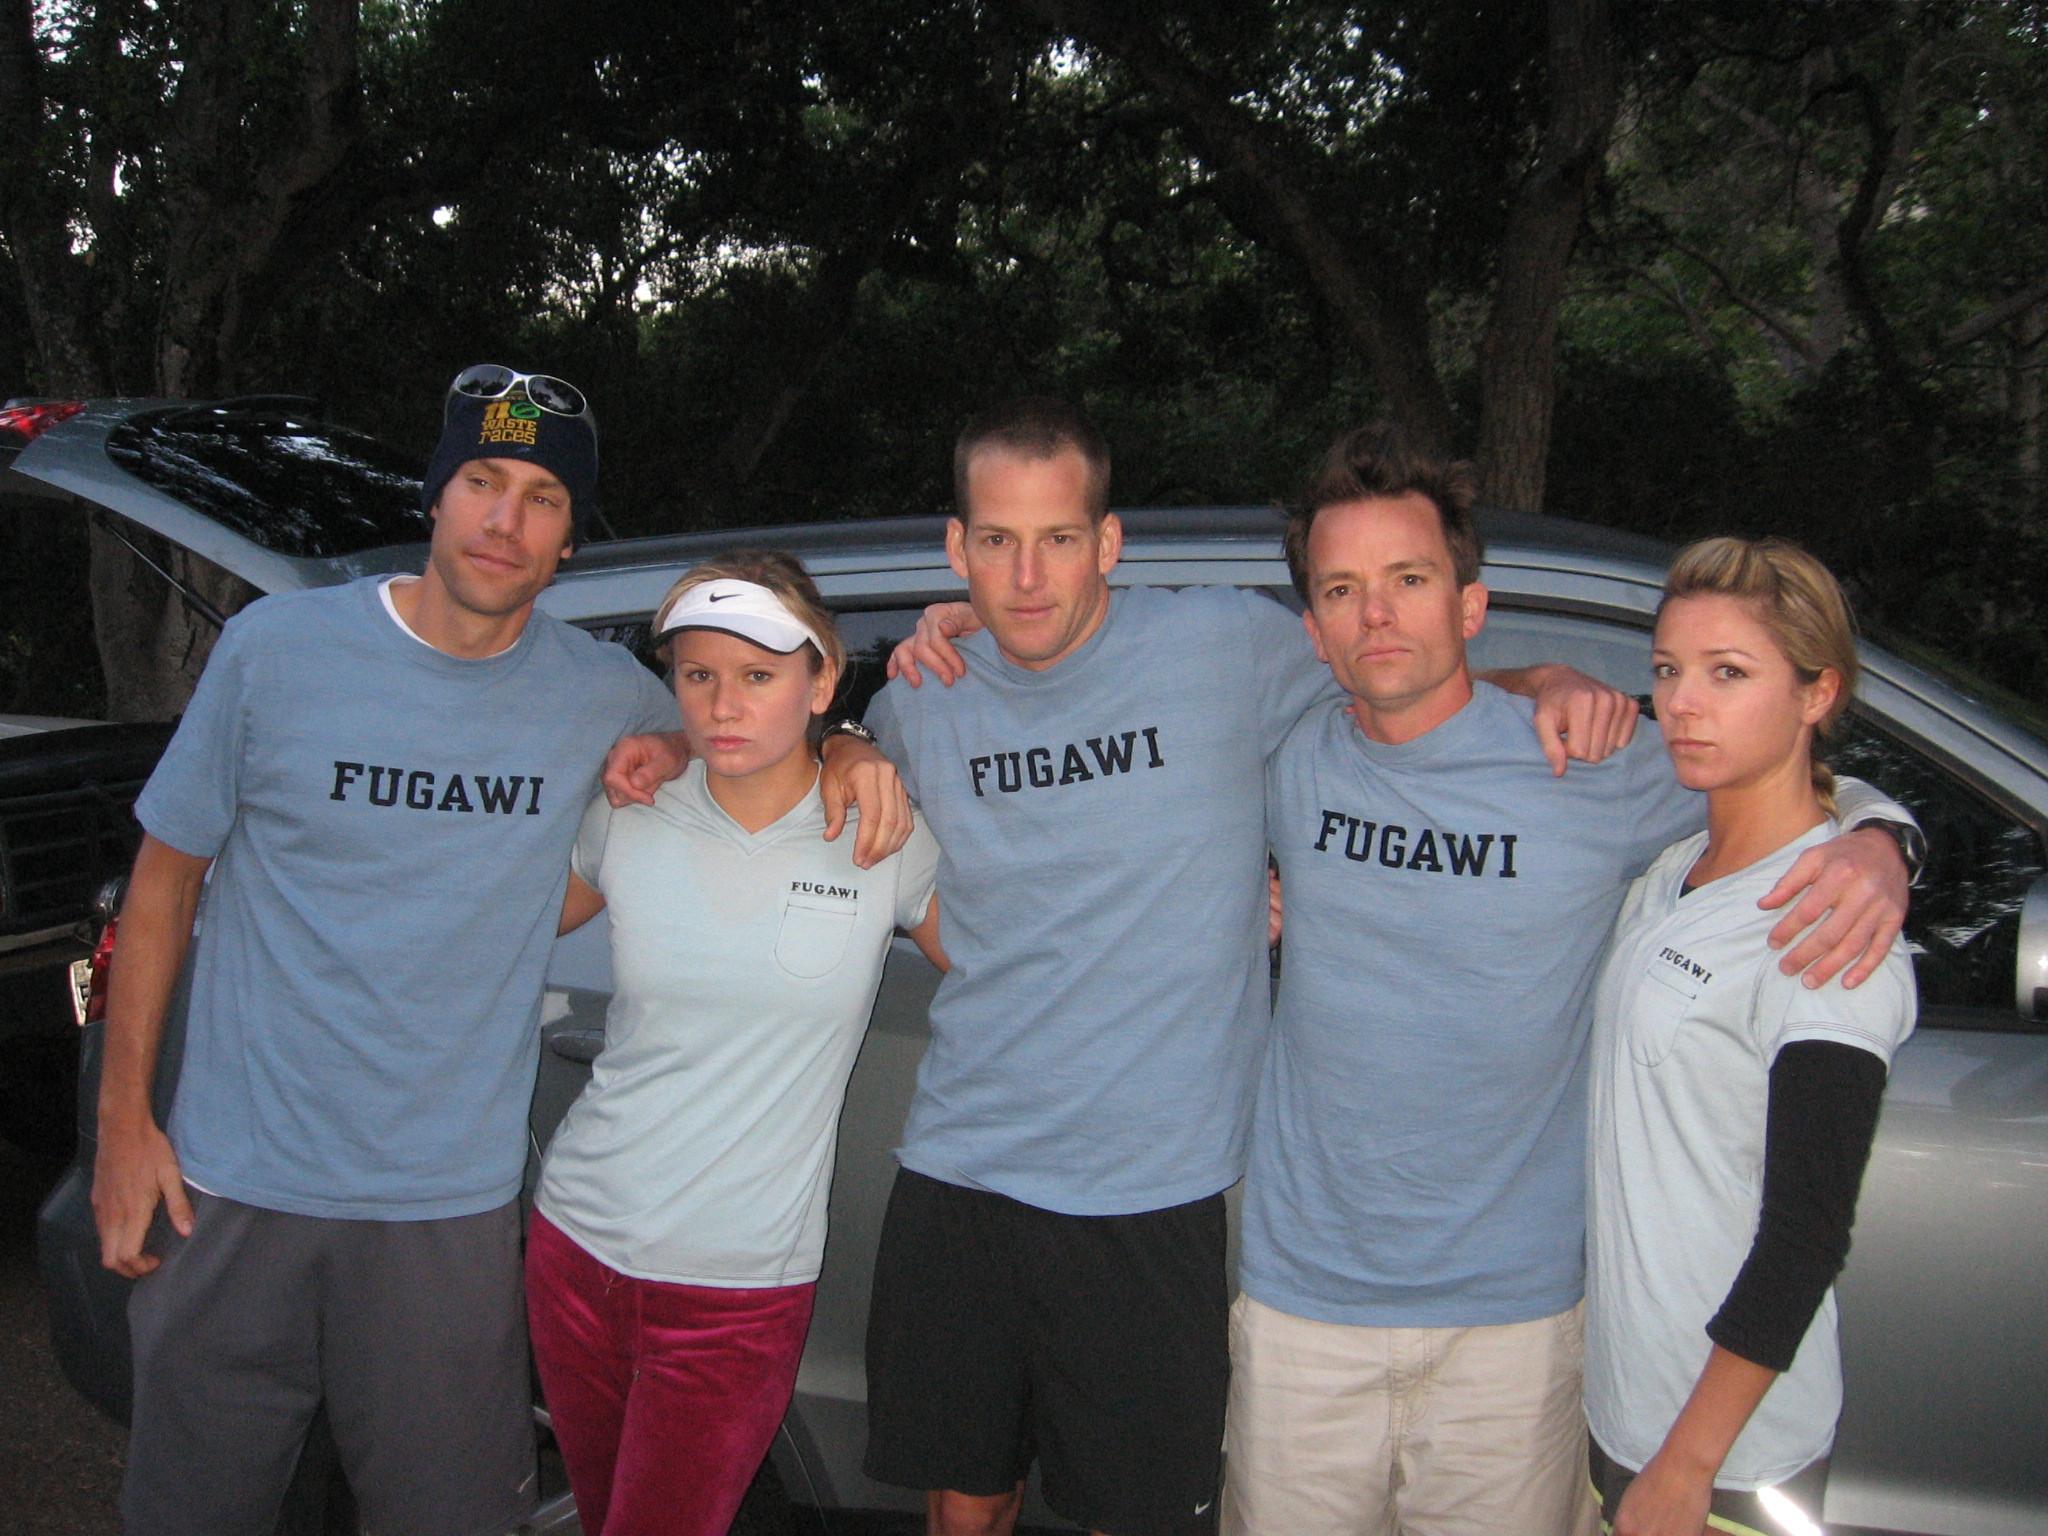 John, Ingrid, Scott, Steve, Dana